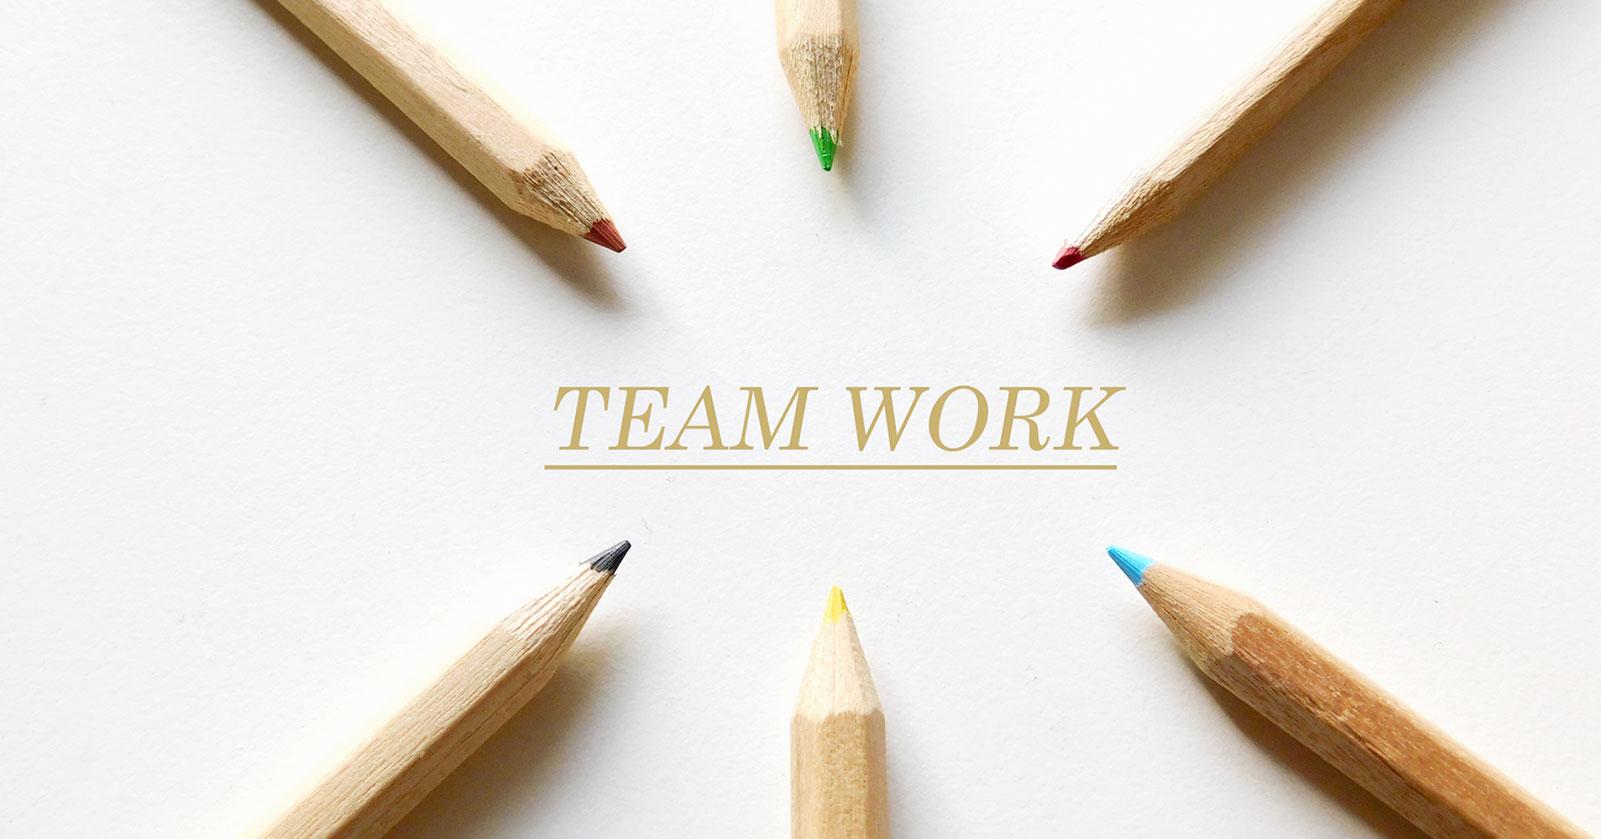 色鉛筆を使ったチームワークのイメージ画像